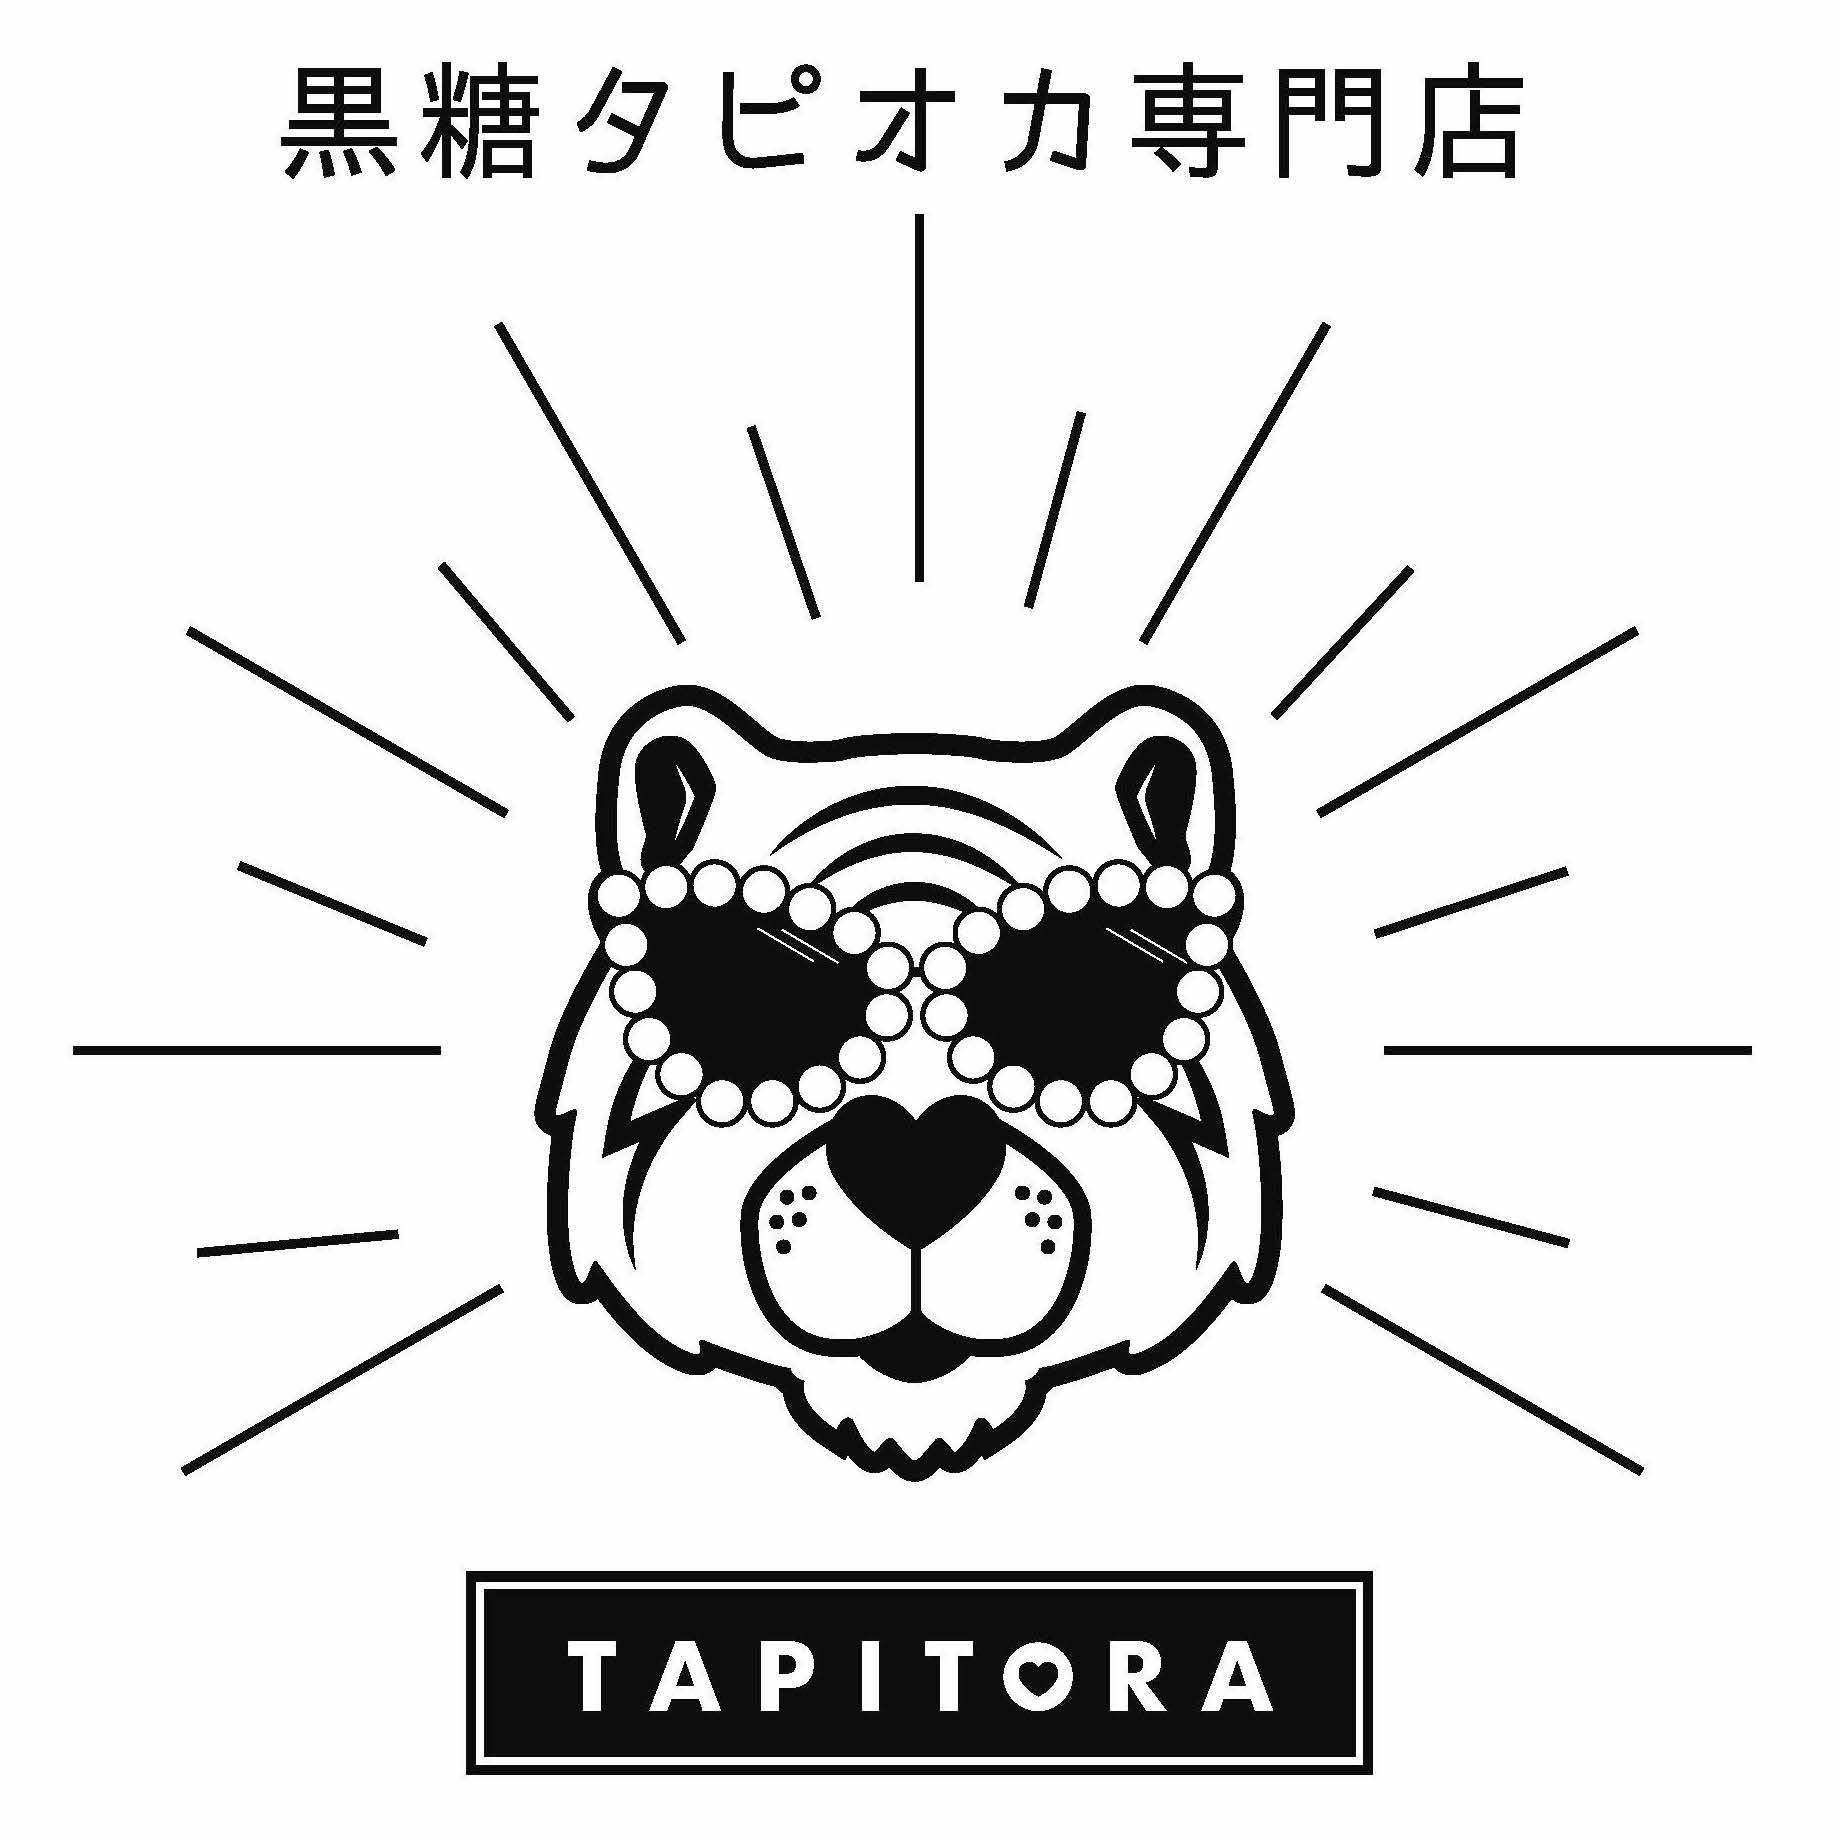 TAPITORA